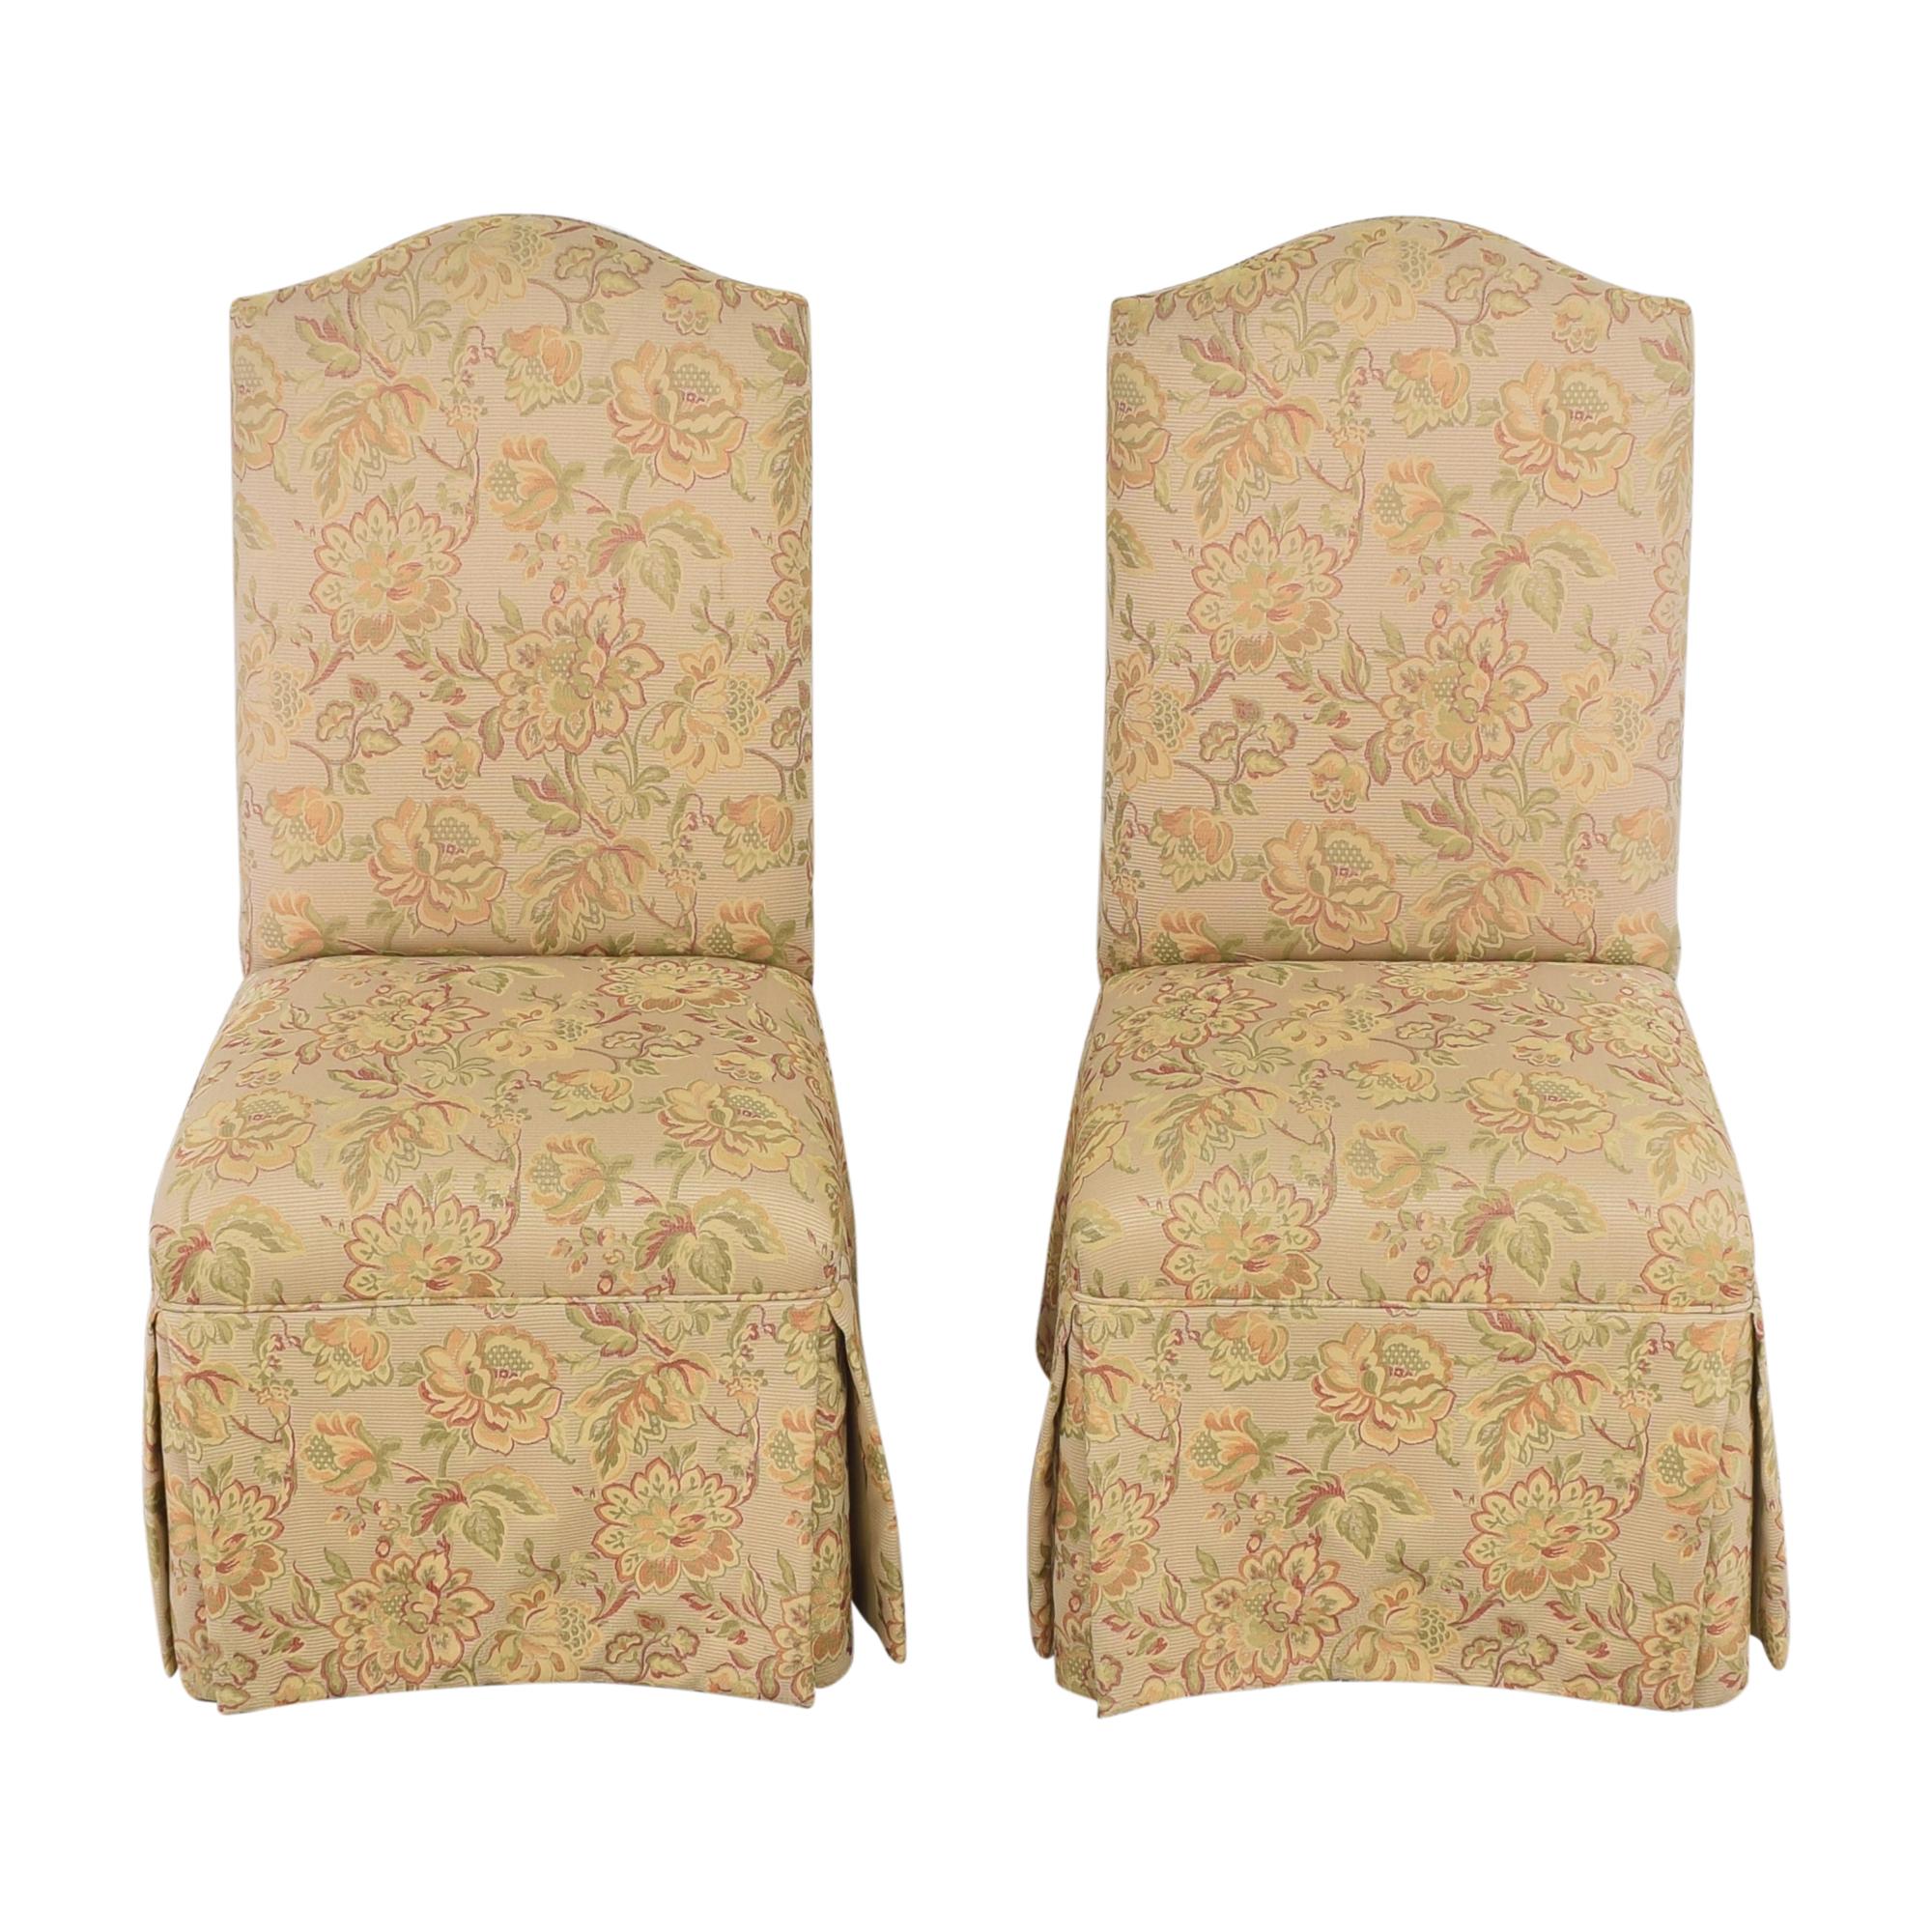 buy Grange Skirted Dining Side Chairs Grange